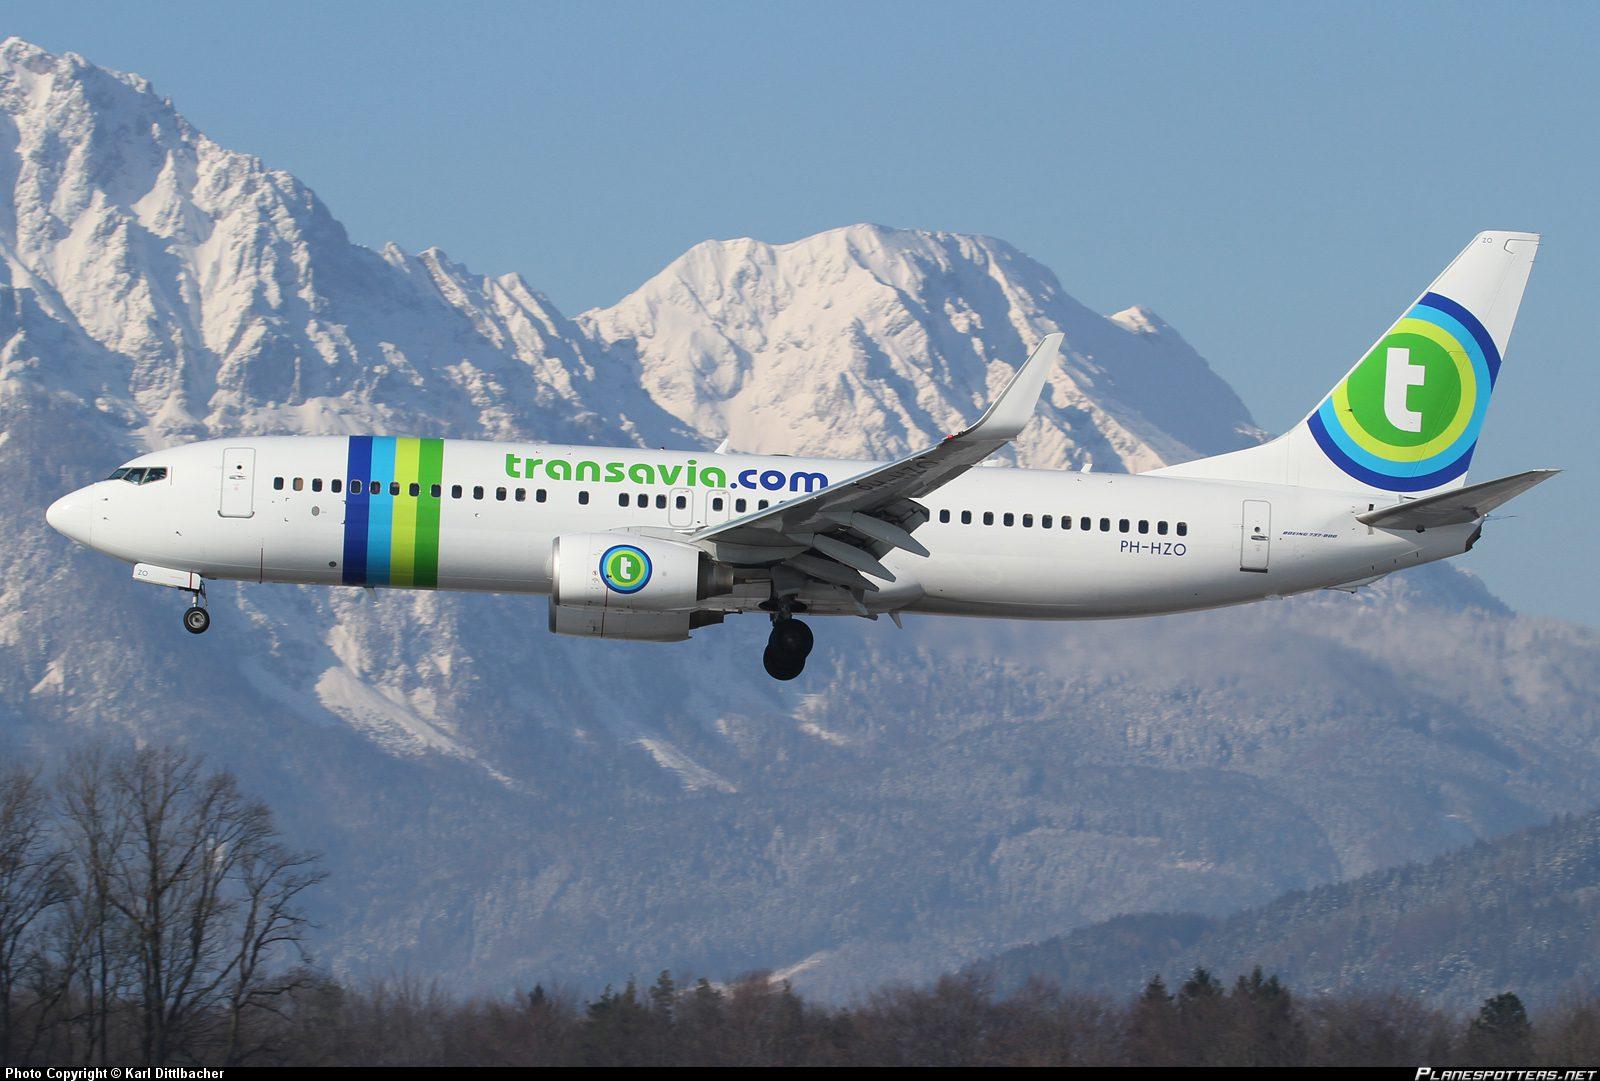 Transavia s'offre une nouvelle identité